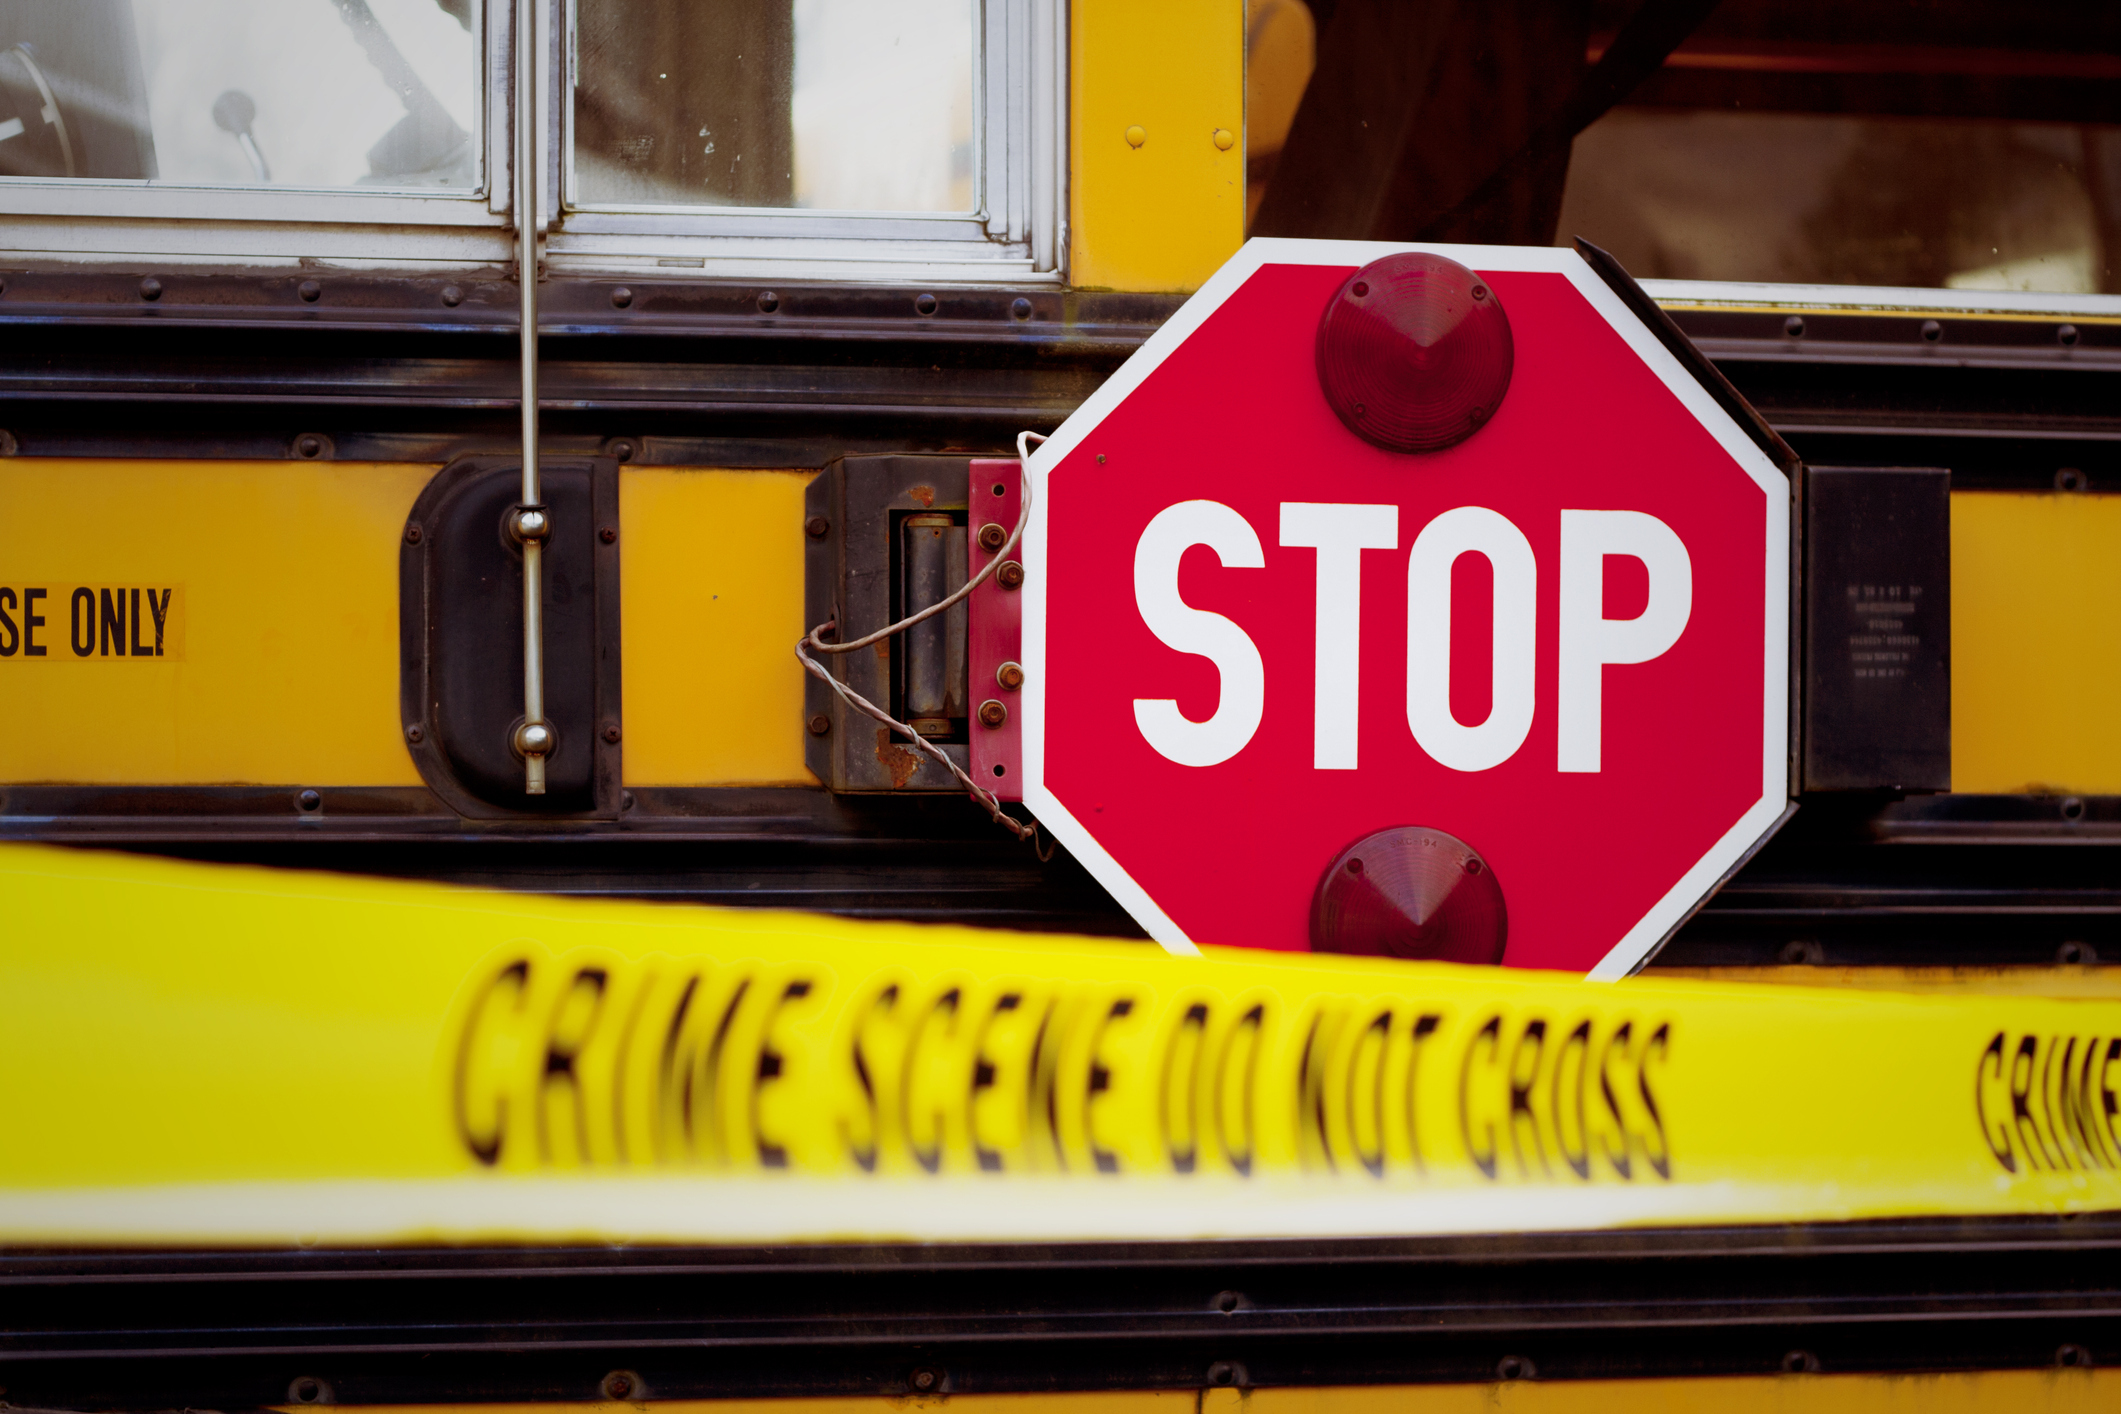 St  Louis Better Family Life wants men guarding city bus